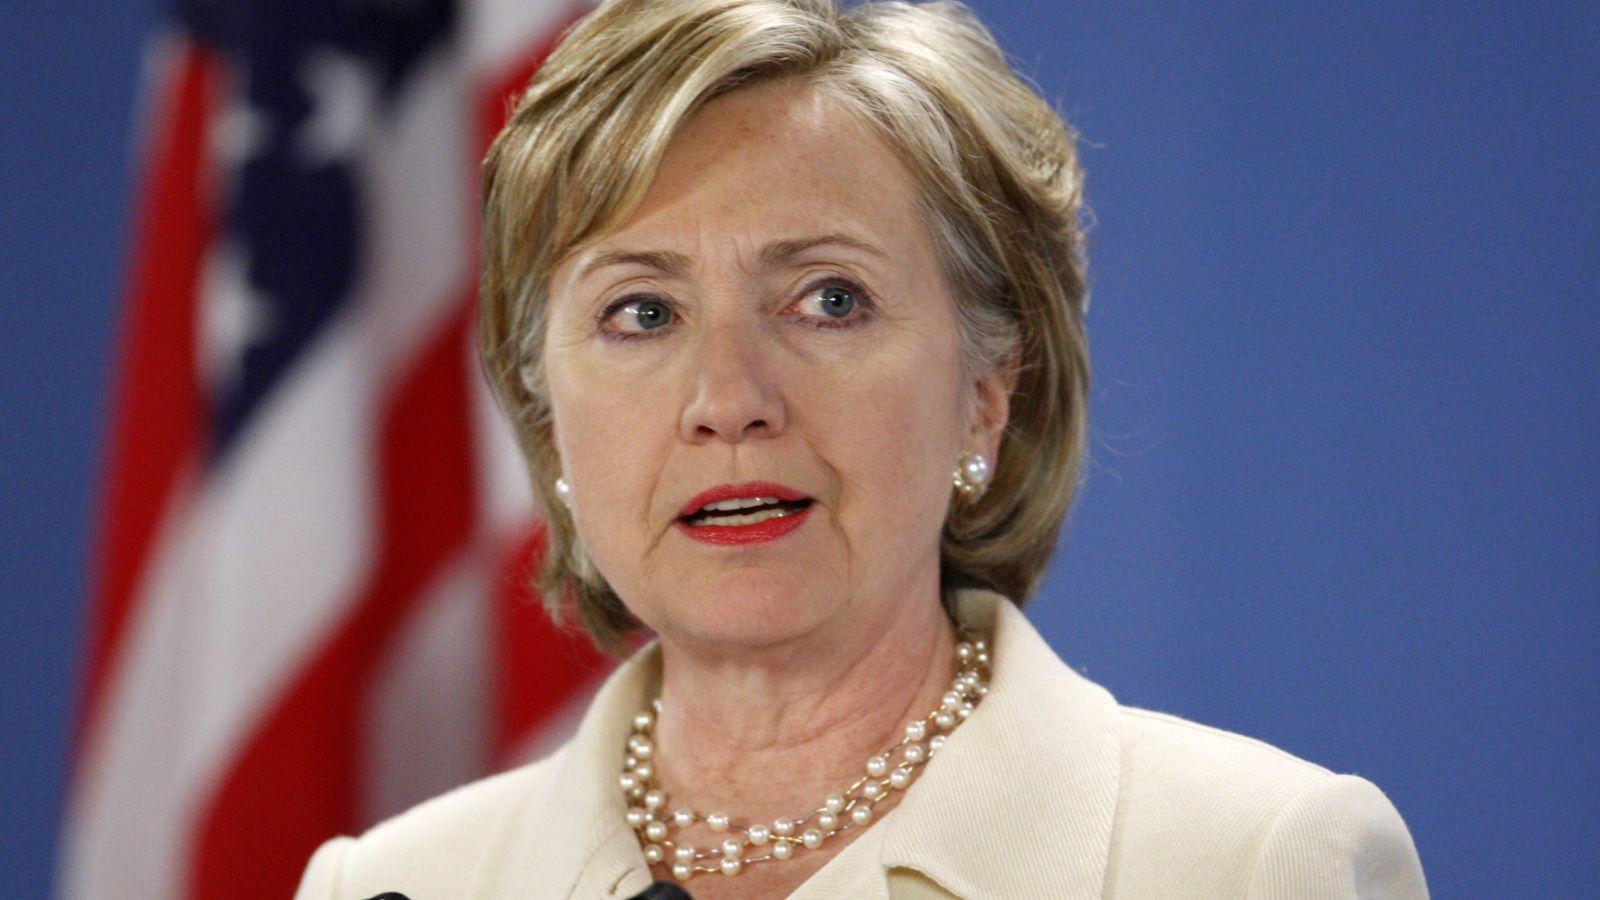 Χίλαρι Κλίντον: Τι θα είχε γίνει εάν είχε χωρίσει με τον Μπιλ – Η ζωή της αλλιώς σε τηλεοπτική σειρά [pics]